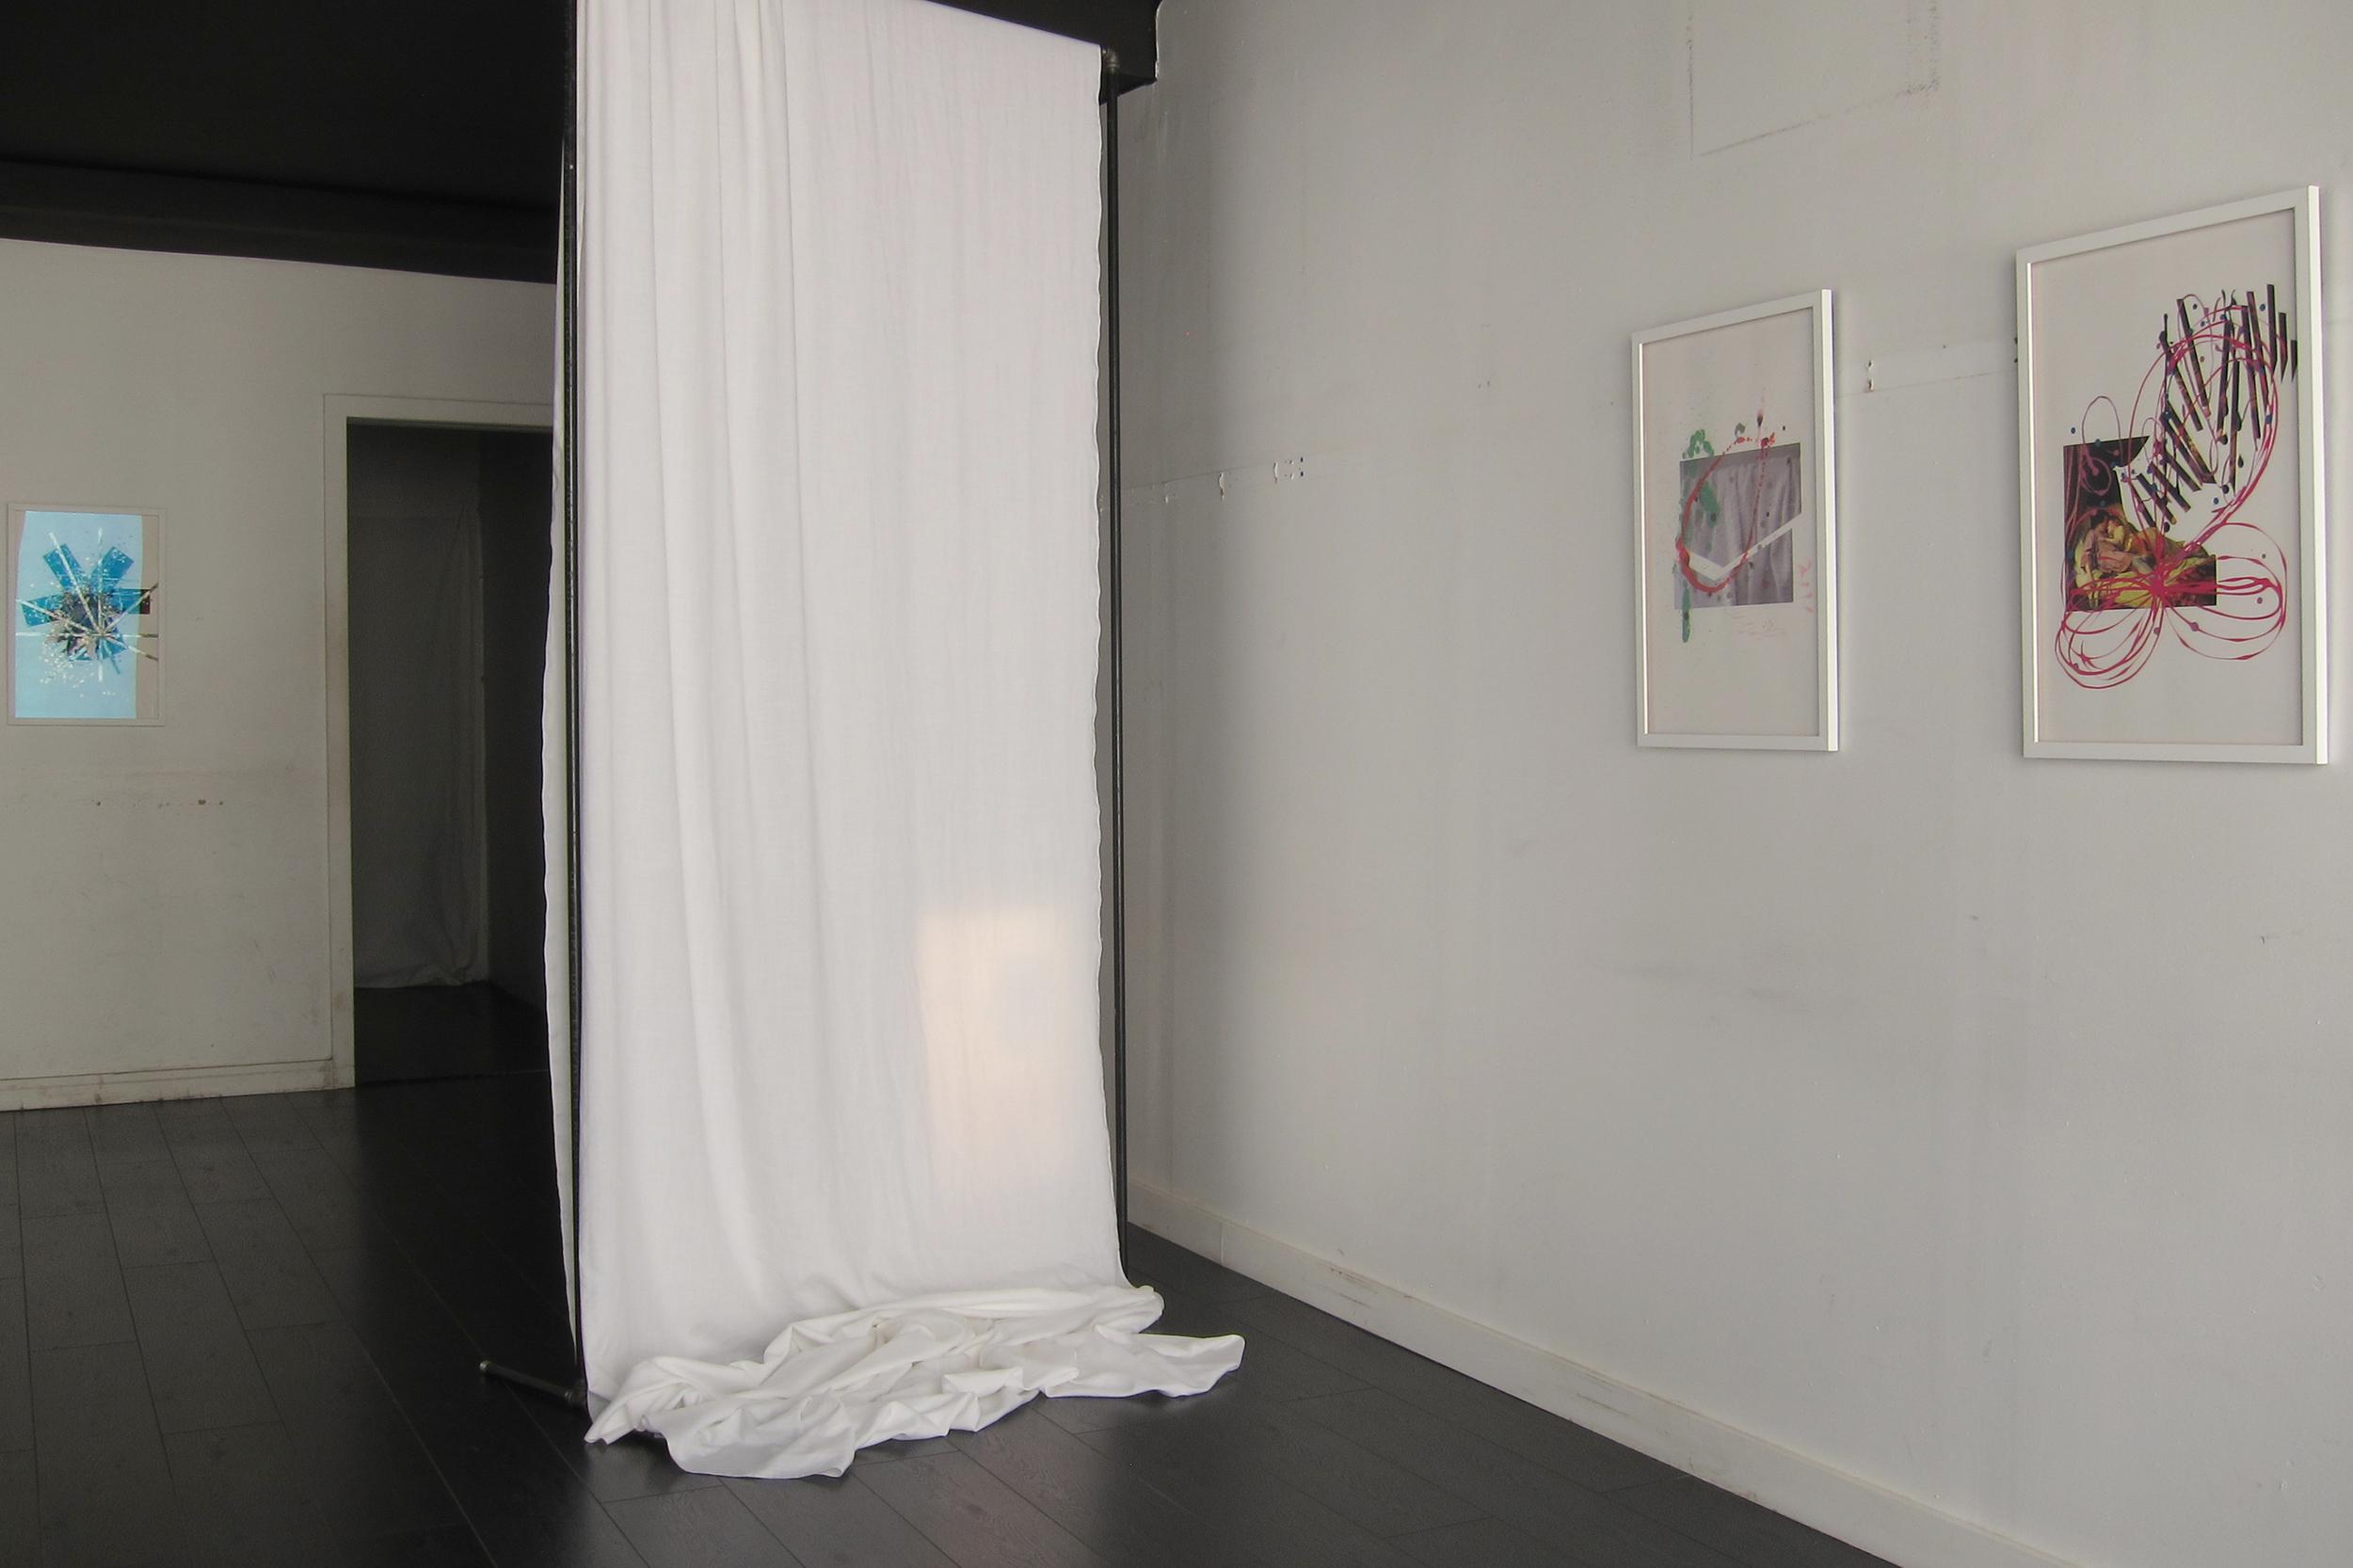 Starschnitt, Kai Matsumiya Gallery, Photo by Markues_03.jpg